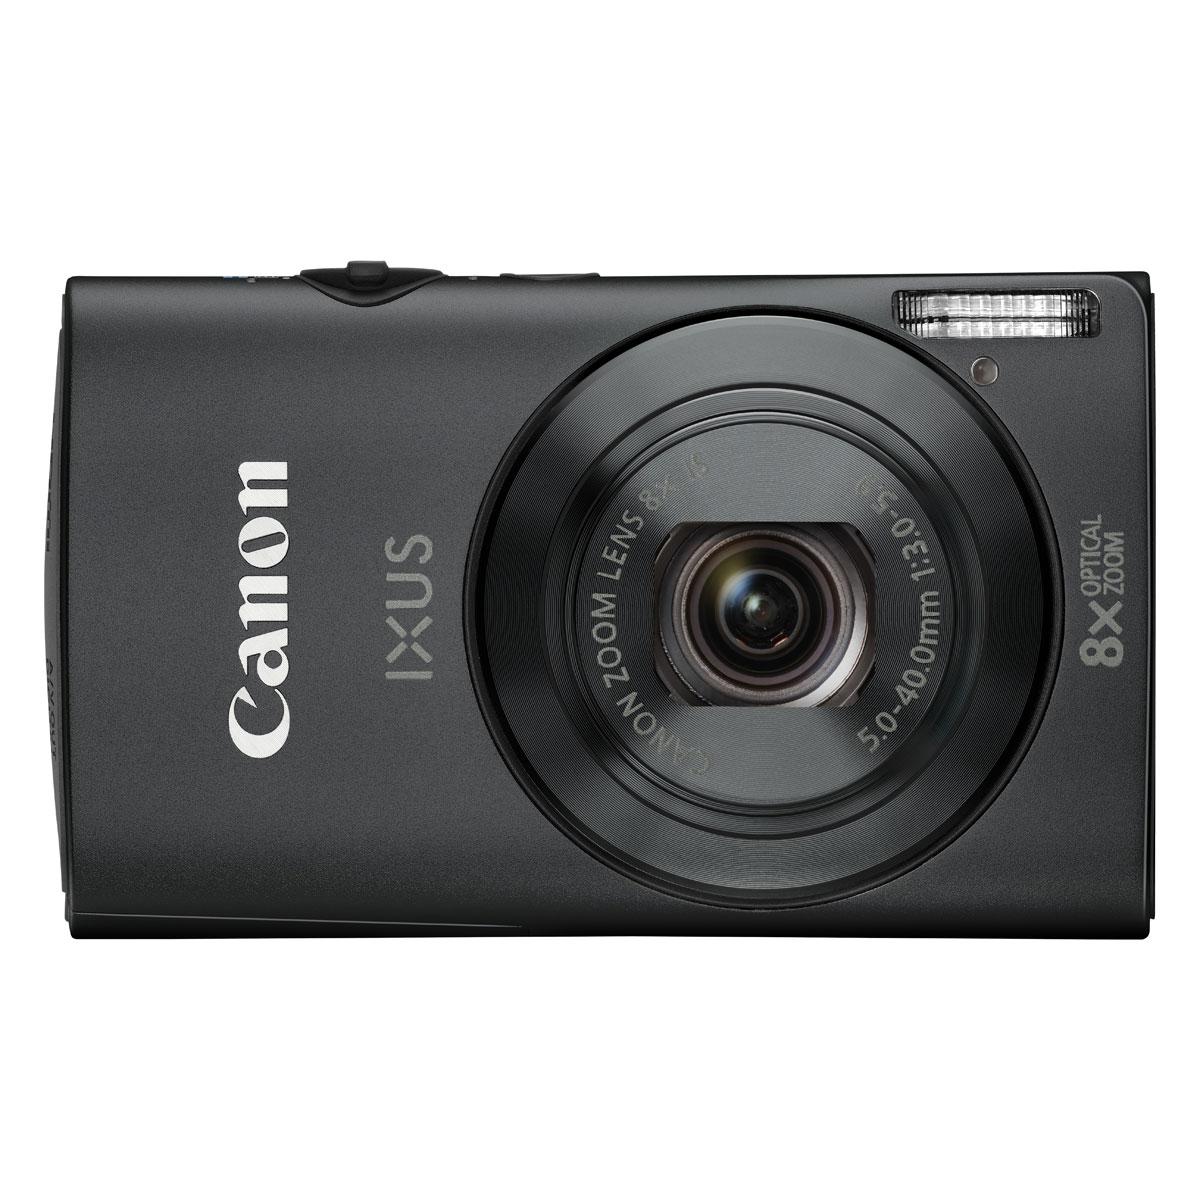 canon ixus 230 hs noir appareil photo num rique canon. Black Bedroom Furniture Sets. Home Design Ideas